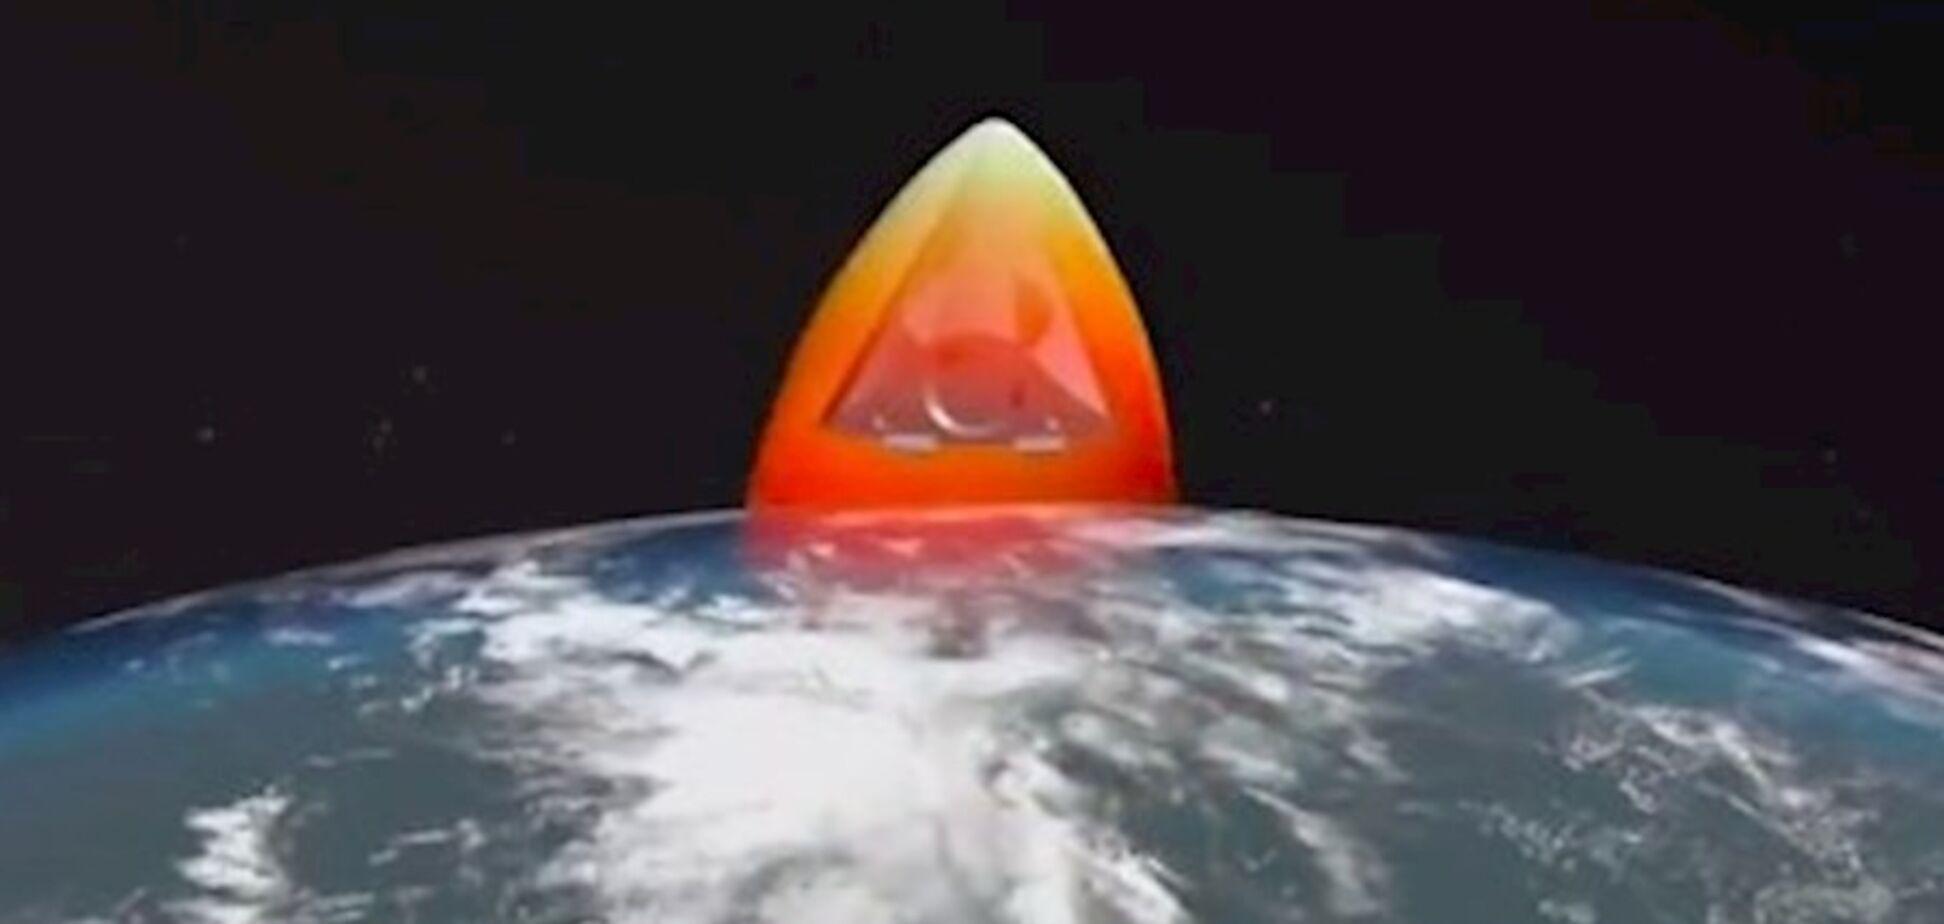 Российская ядерная угроза: Путин рассказал, как разрабатывалось новое оружие